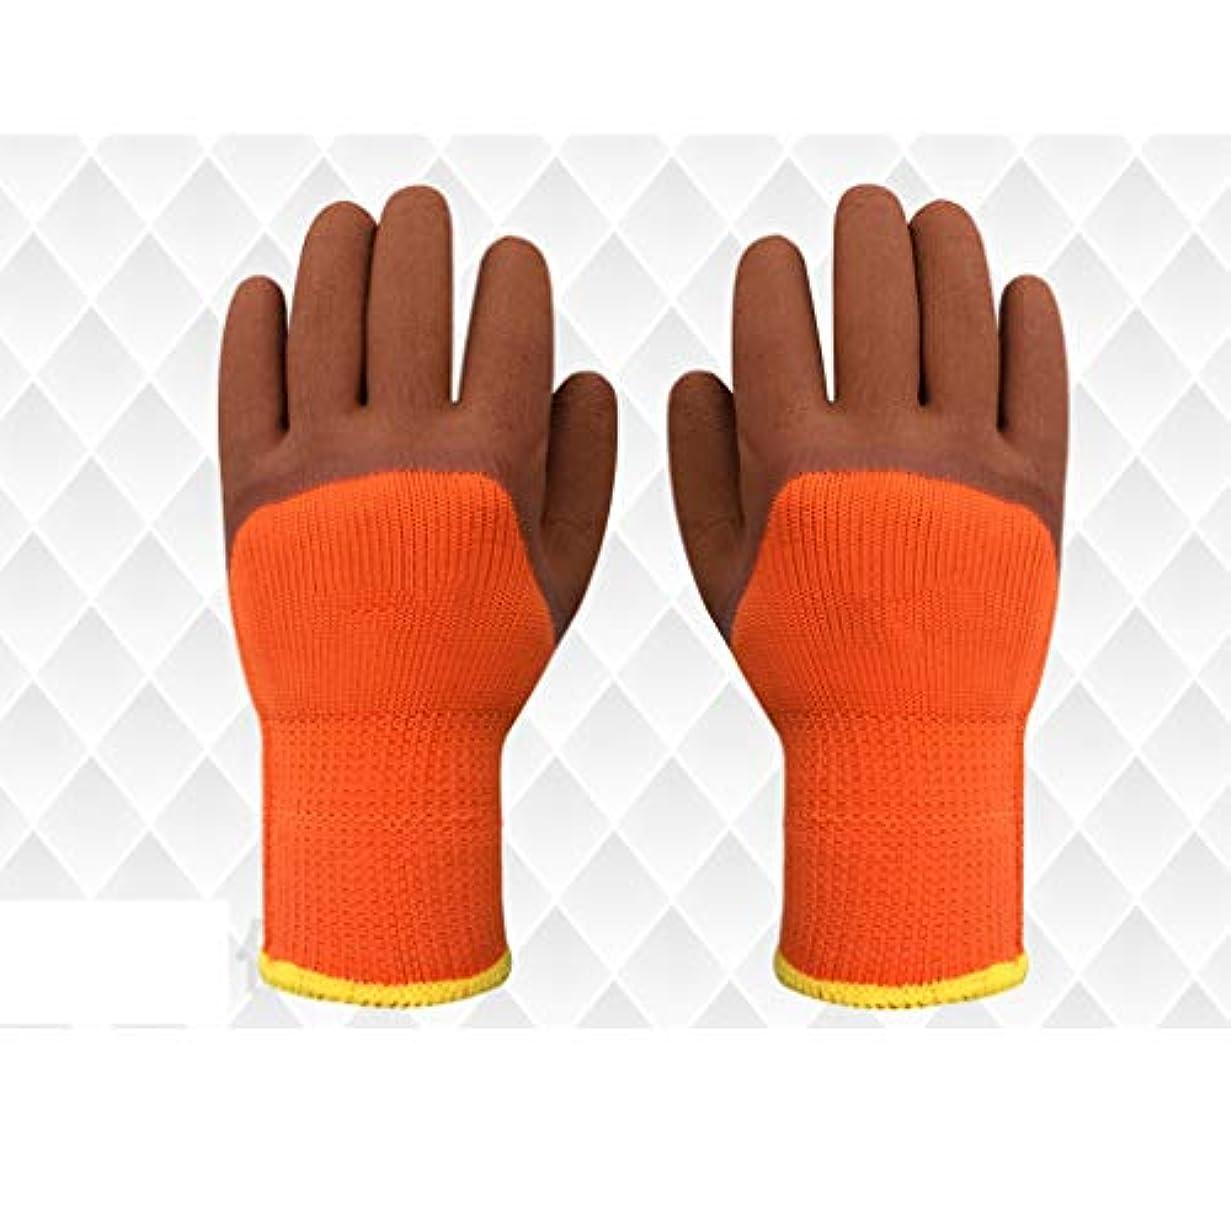 エミュレートするデコラティブ購入LIUXIN 厚手の耐摩耗性保護手袋指先肥厚セミトレイルディッピング工業用手袋マルチスタイルオプション22.5 x 10 CM ゴム手袋 (Color : C)